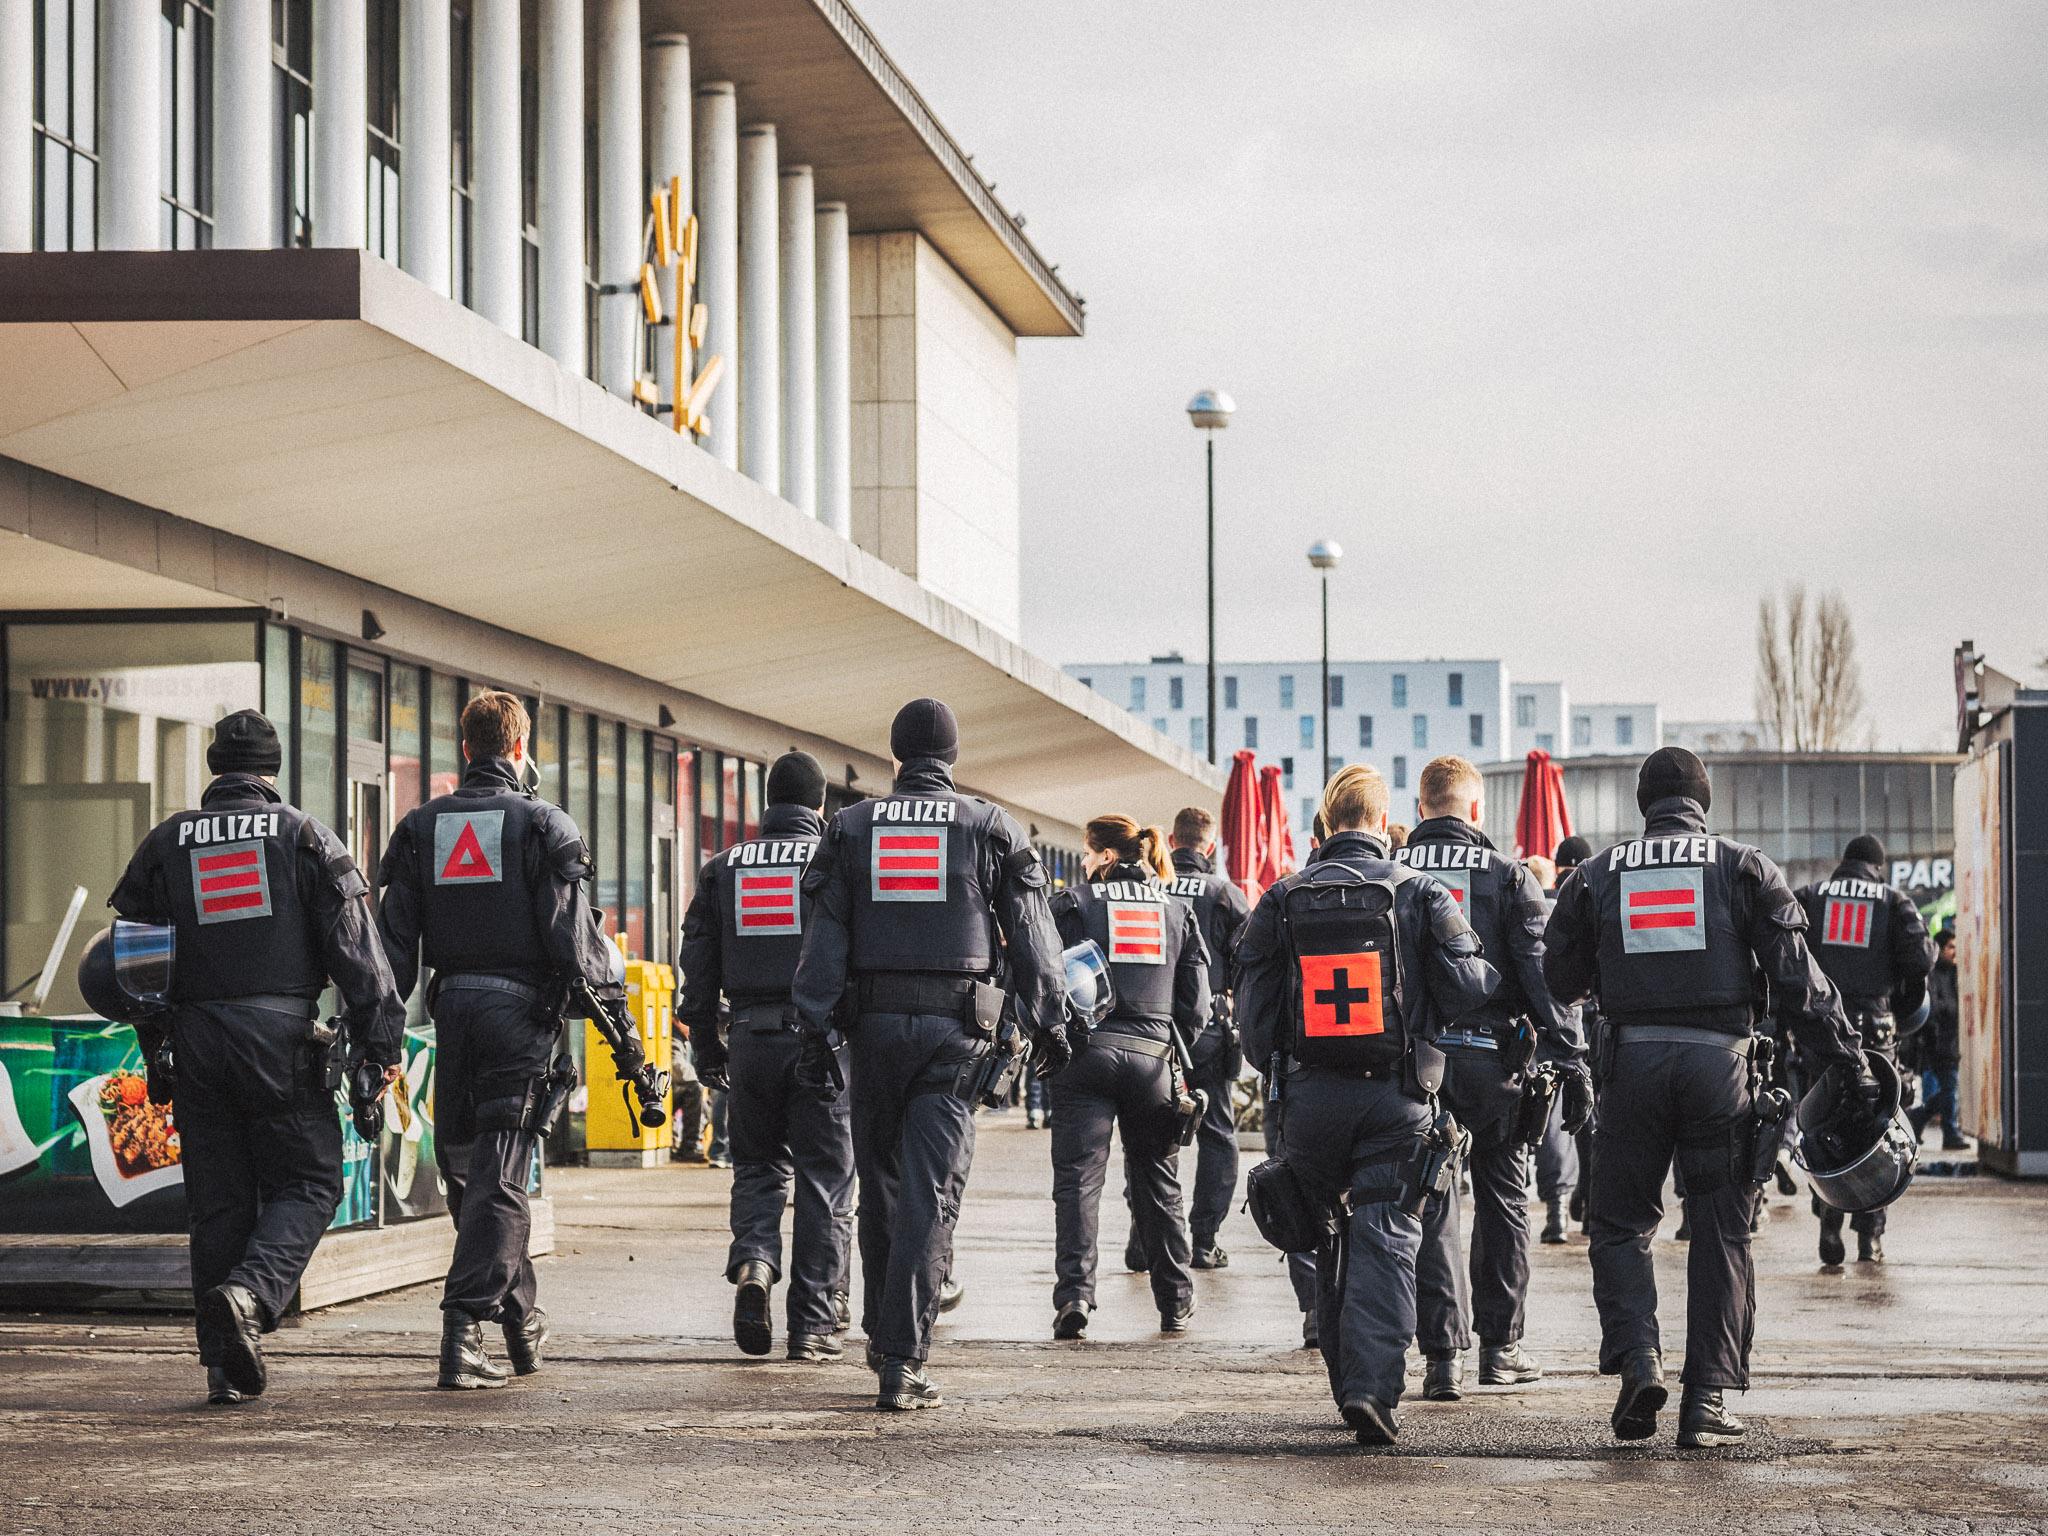 Kräfte der Beweissicherungs- und Festnahmeeinheit (BFE) am Würzburger Bahnhof. Foto: Pascal Höfig